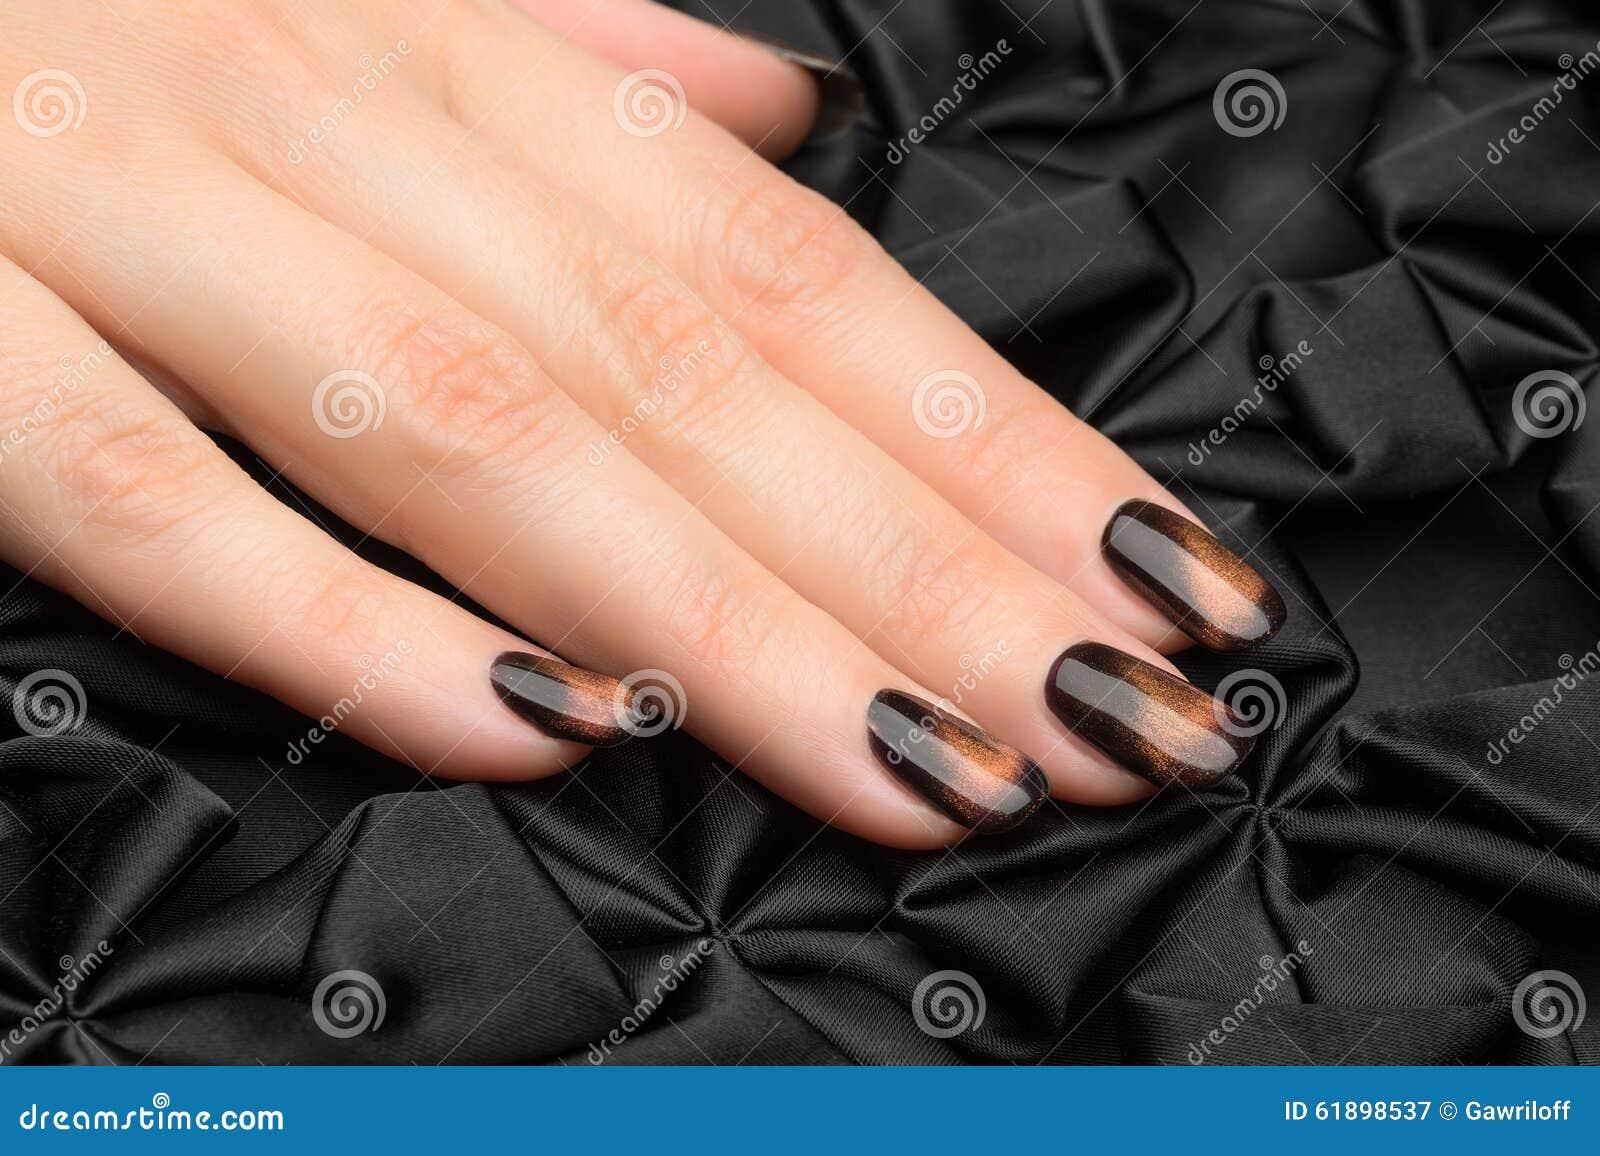 Beautiful woman s nails with nice stylish manicure